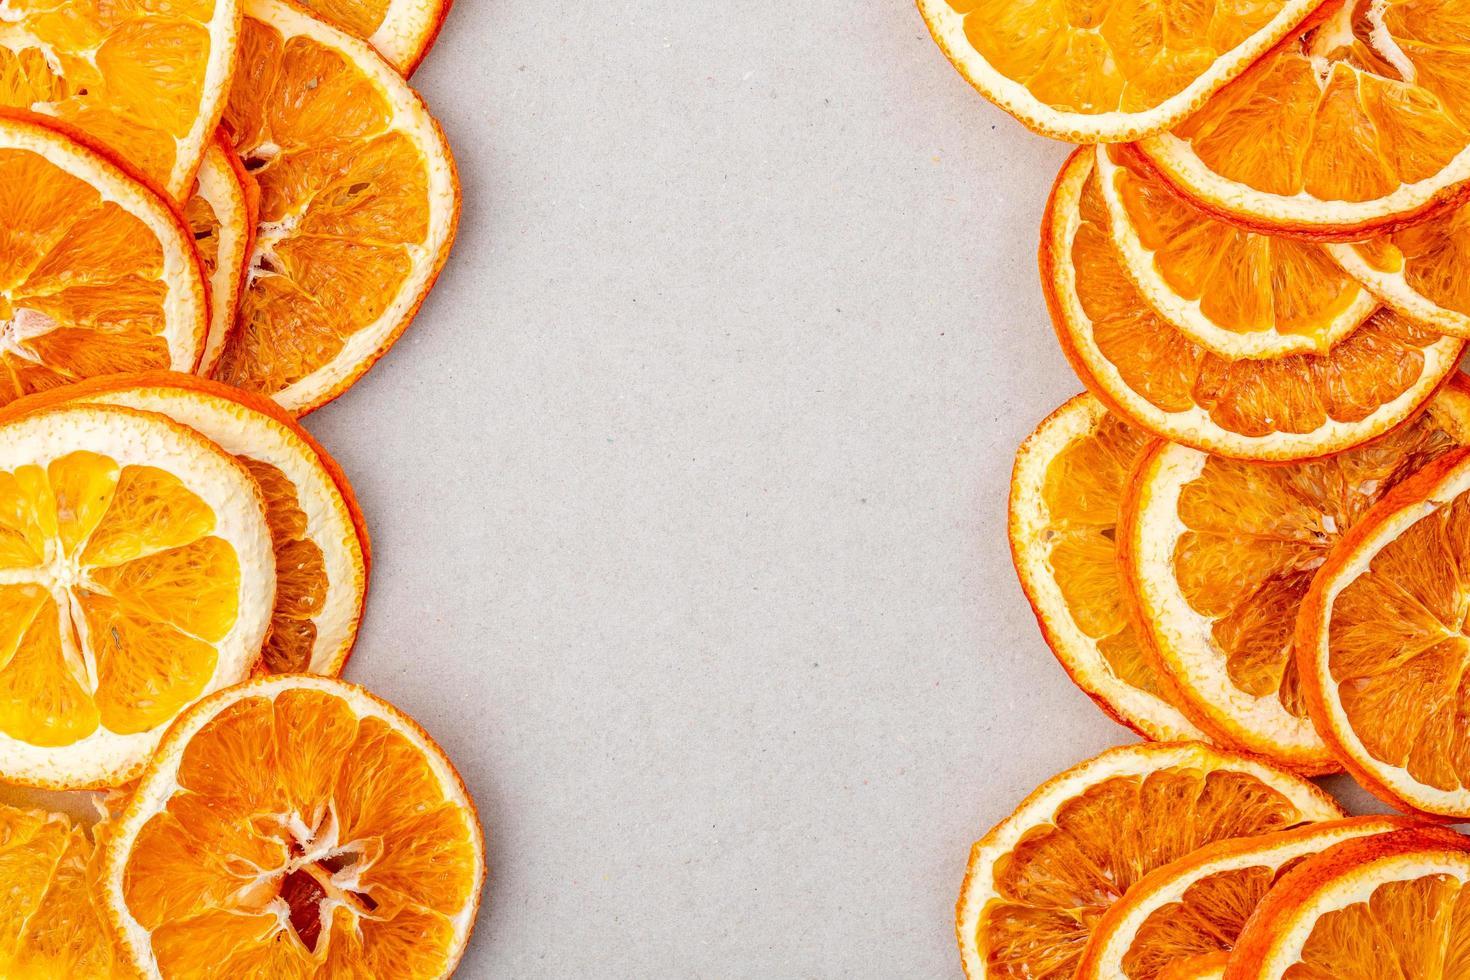 Vista superior de rodajas de naranja secas dispuestas sobre fondo blanco con espacio de copia foto